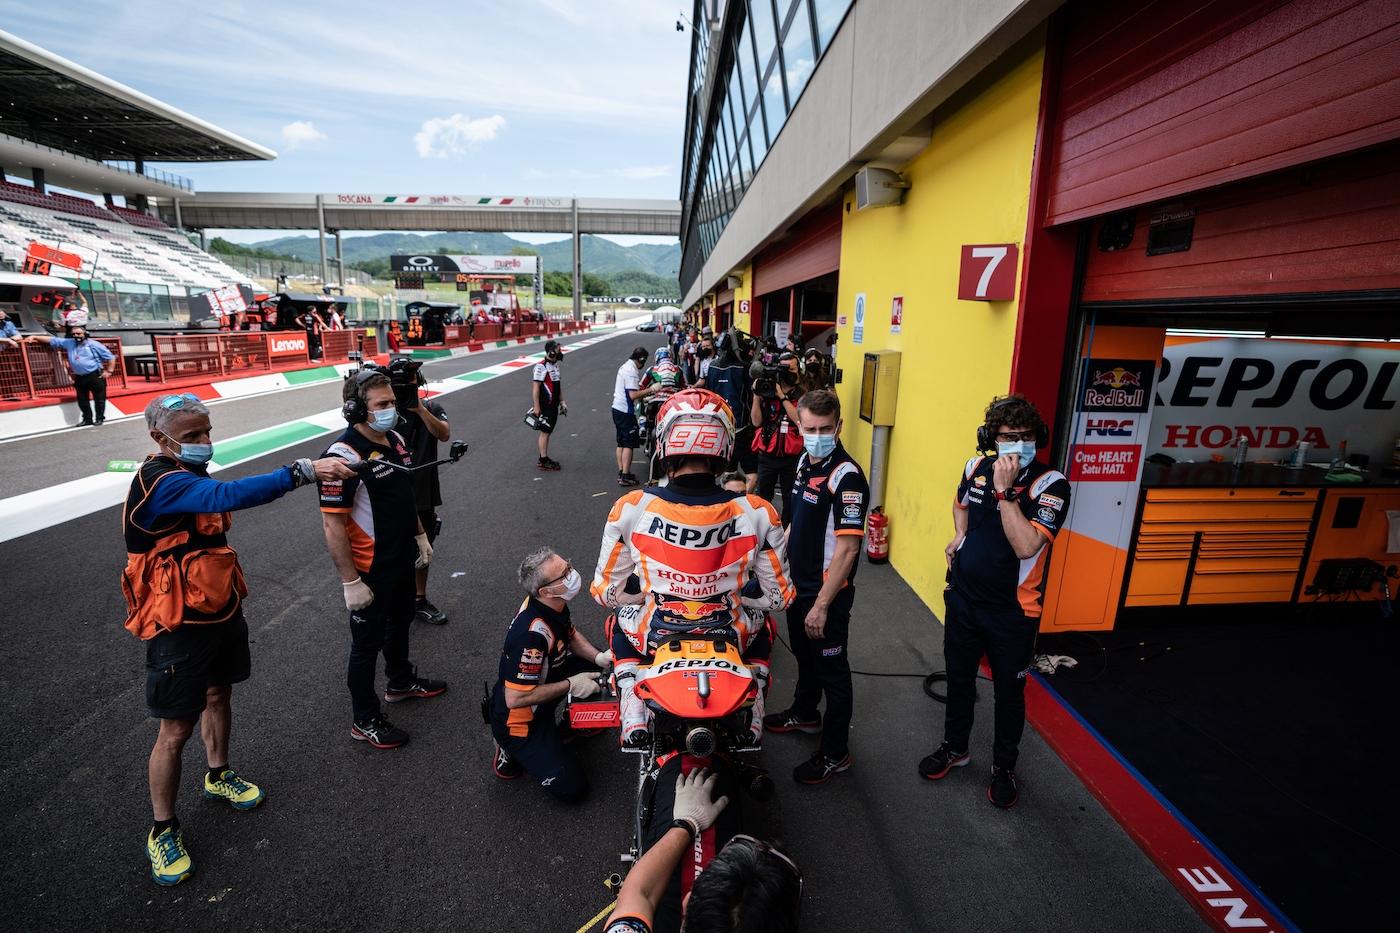 MotoGP2021イタリアGP 予選11位マルク・マルケス「後追いが唯一の手段だった」